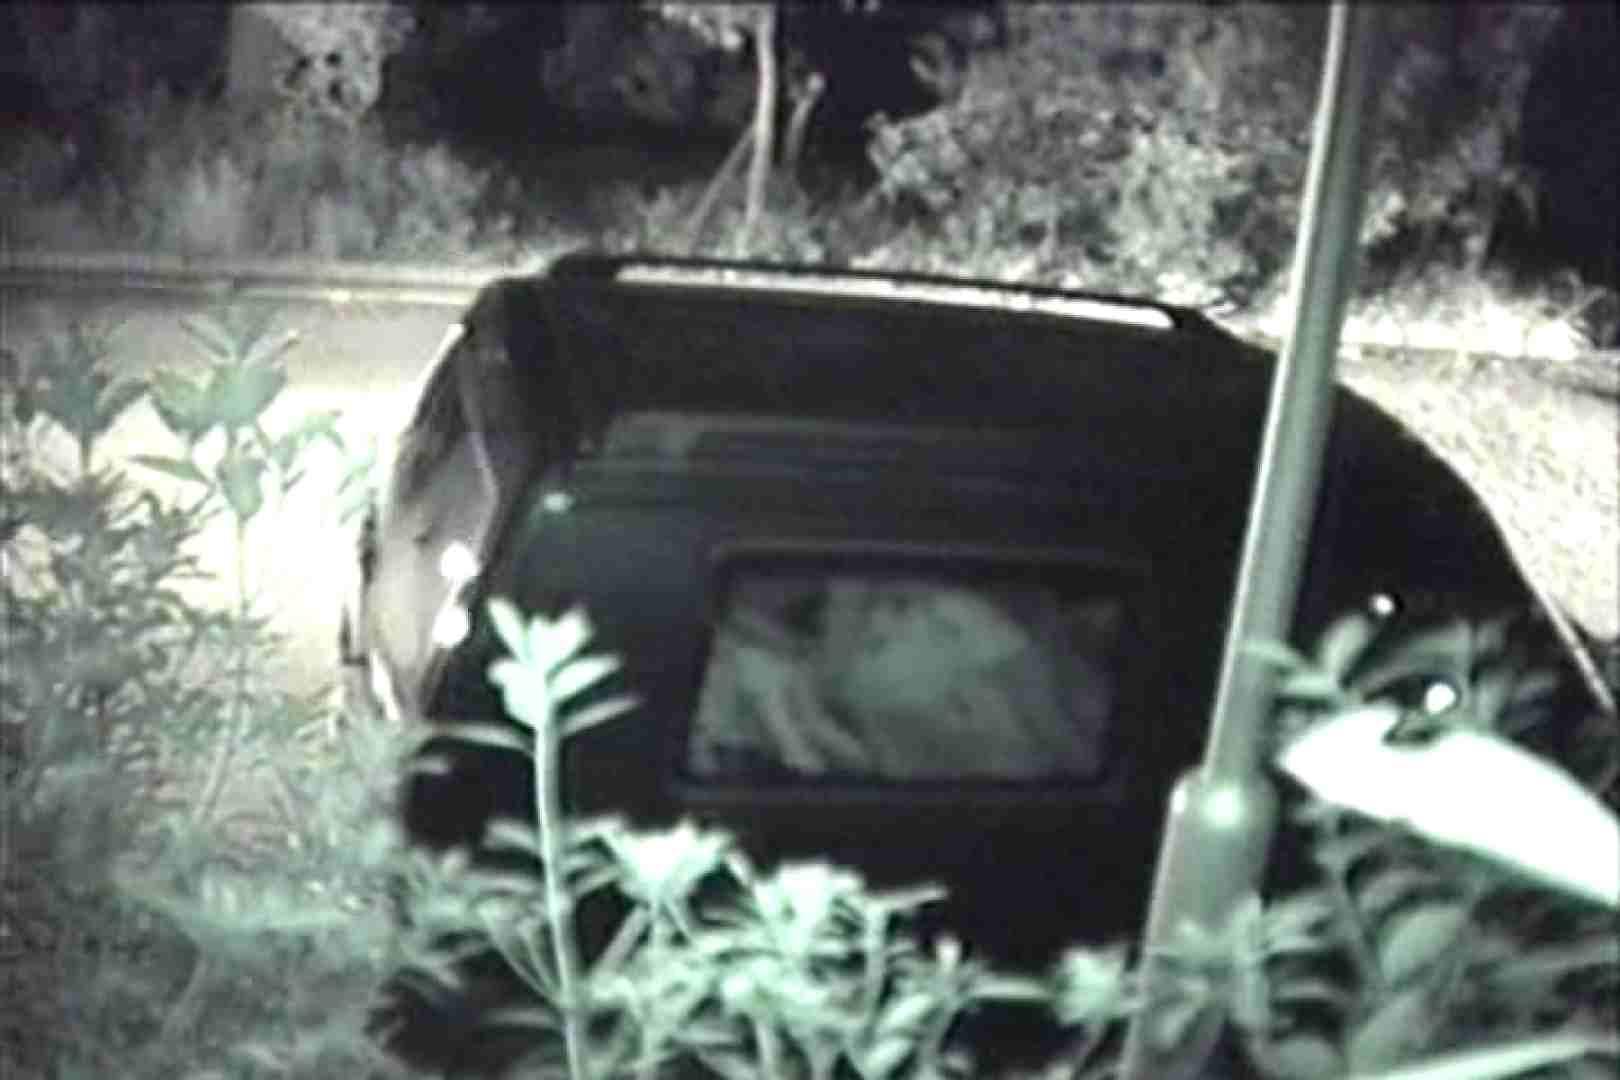 車の中はラブホテル 無修正版  Vol.16 丸見えマンコ 性交動画流出 86PIX 17